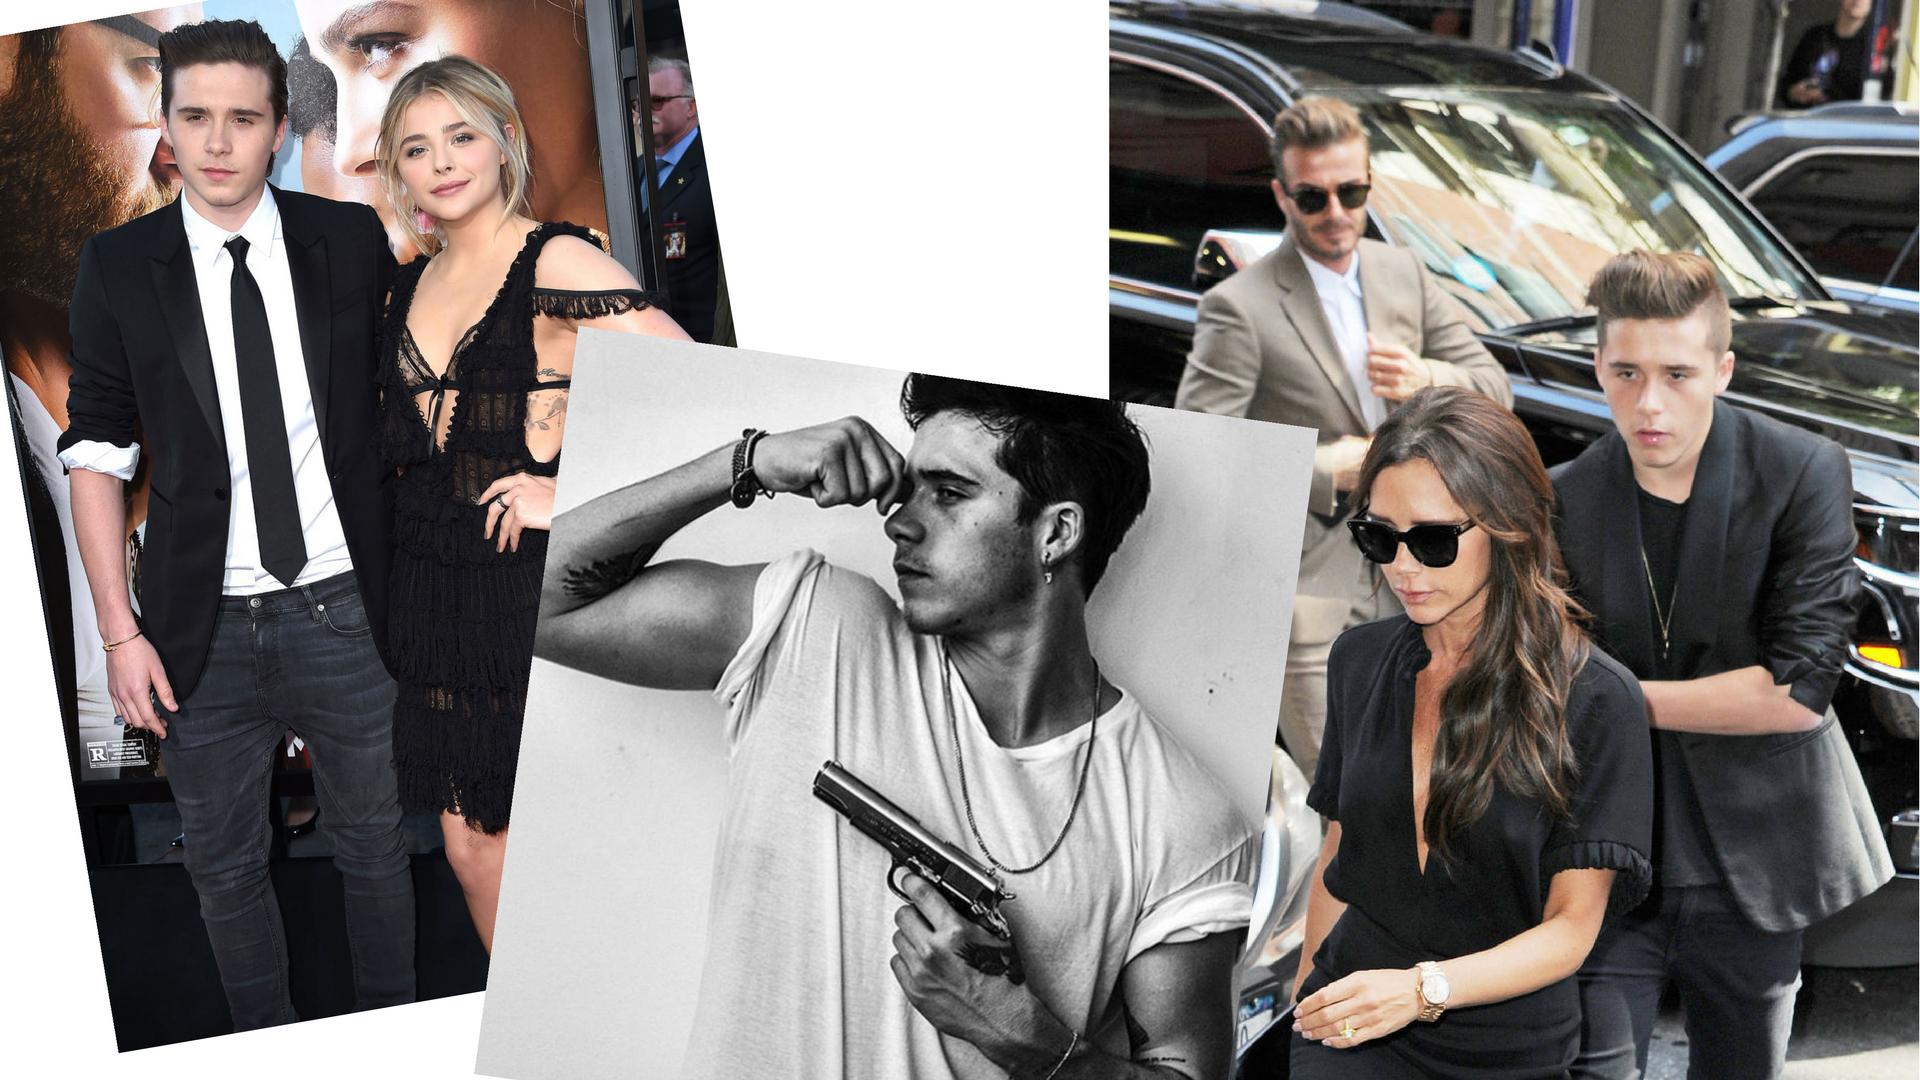 Brooklyn Beckham (18)<br />- Victoria és David Beckham idősebb fia <br />- 10.5M követő<br />- néhány modell munka és videóklip után Brooklyn 17 évesen már Burberry kampányt fotózott